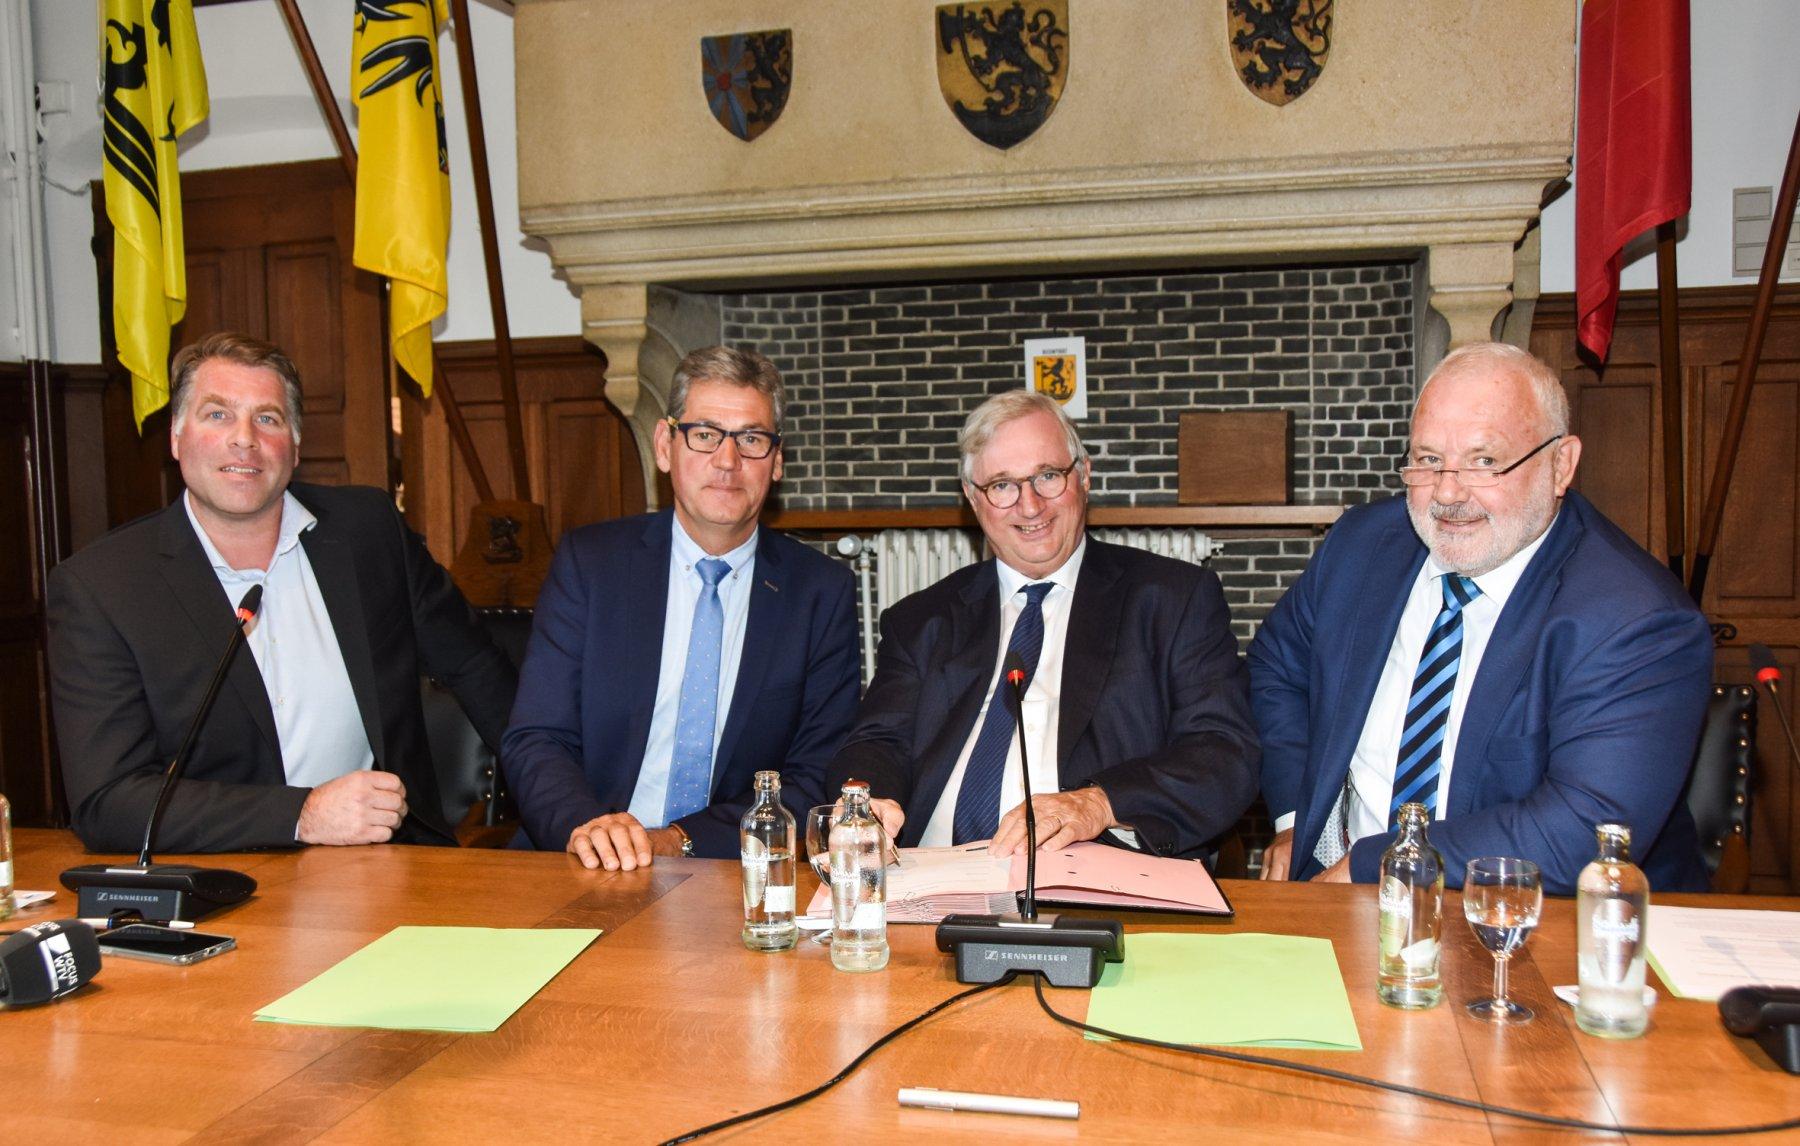 Burgemeesters Bram Degrieck, Geert Vanden Broucke, Marc Vanden Bussche en Jean-Marie Dedecker